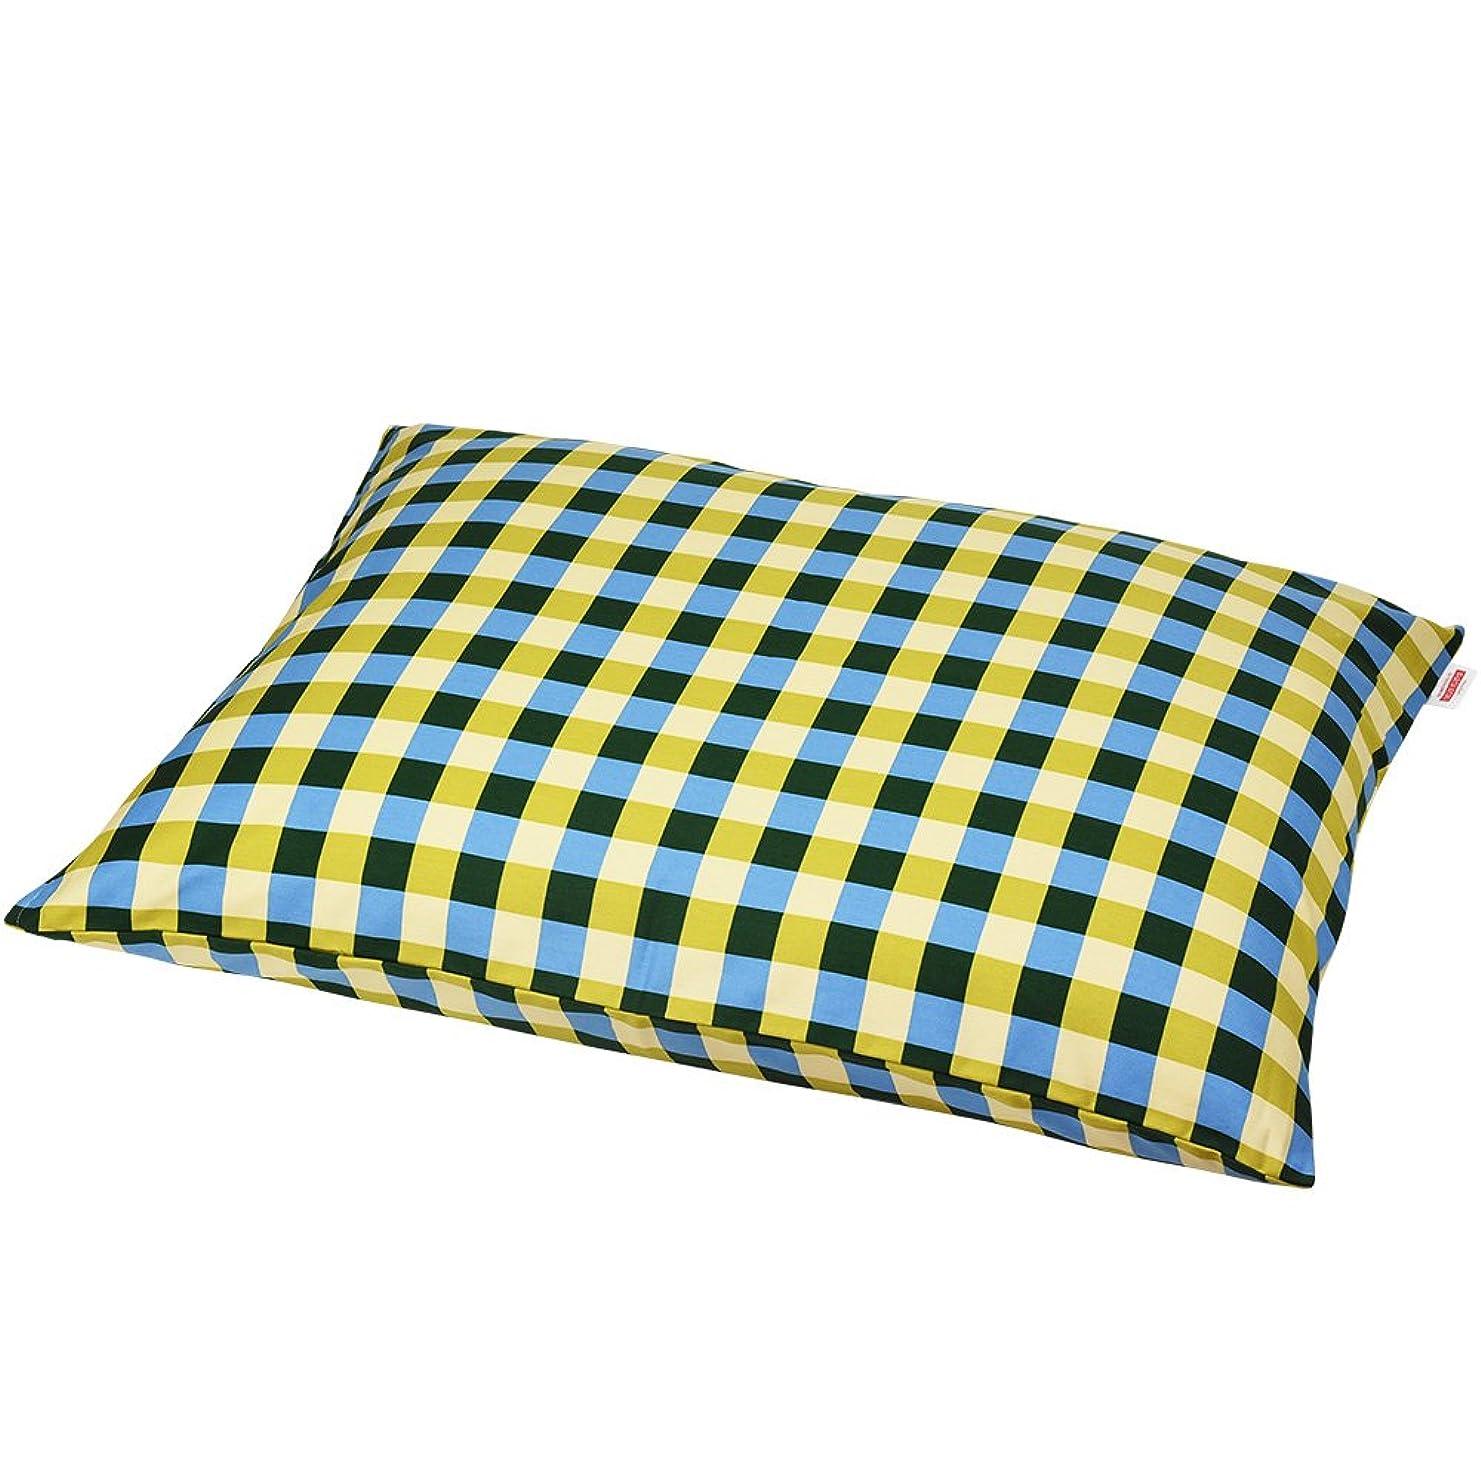 危機指ロボット枕カバー 60×80cmの枕用 チェック綿100% ファスナー式 パイピング仕上げ 日本製 枕 綿 ブルー